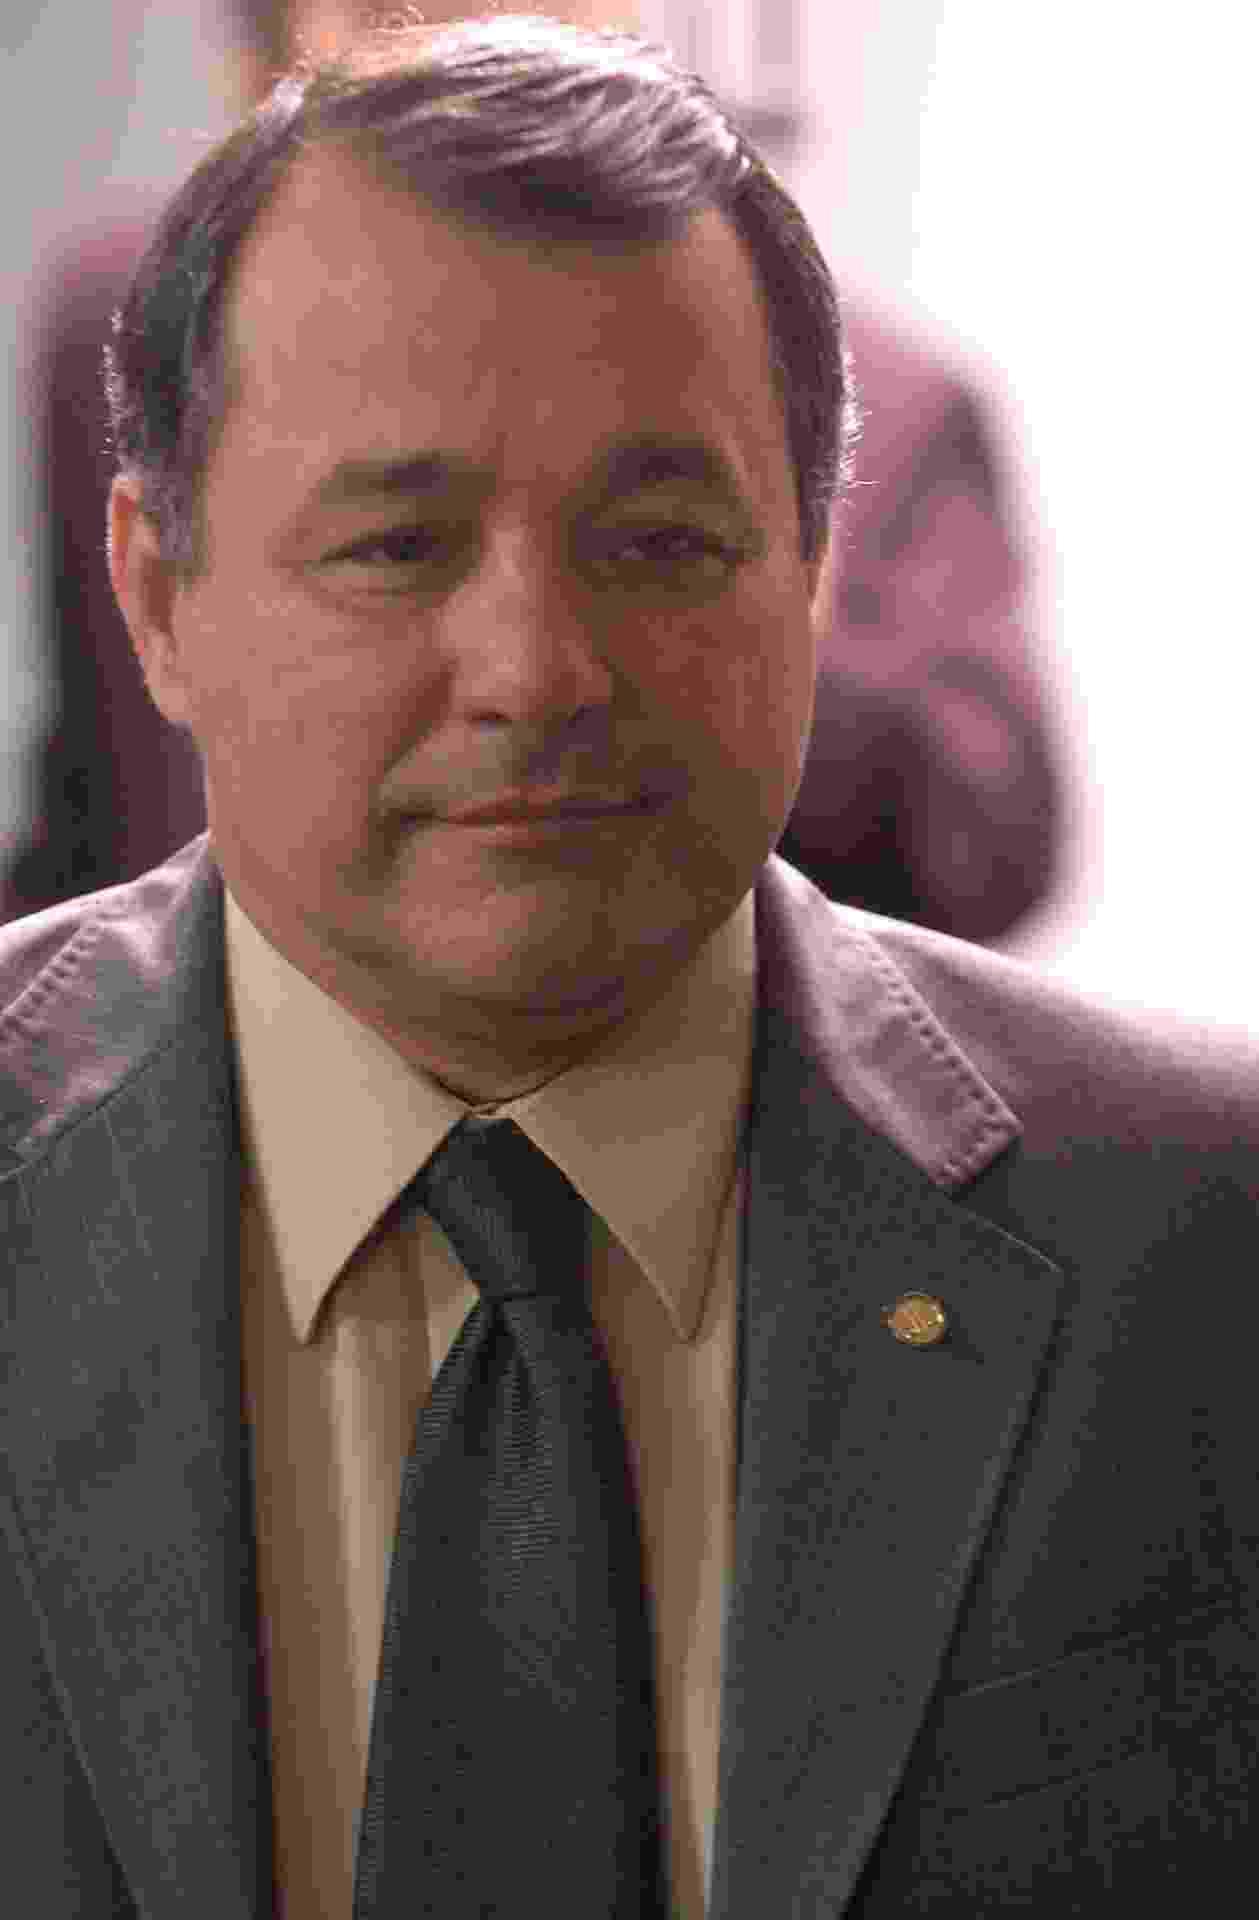 19.fev.2014 - O deputado Marcelino Fraga (PMDB-ES) renunciou uma semana após Coriolano Sales para fugir de processo de cassação no caso da CPI dos Sanguessugas, no dia 22 de agosto de 2006 - Diógenis Santos/Acervo da Câmara dos Deputados/Banco de Conteúdo/Secom